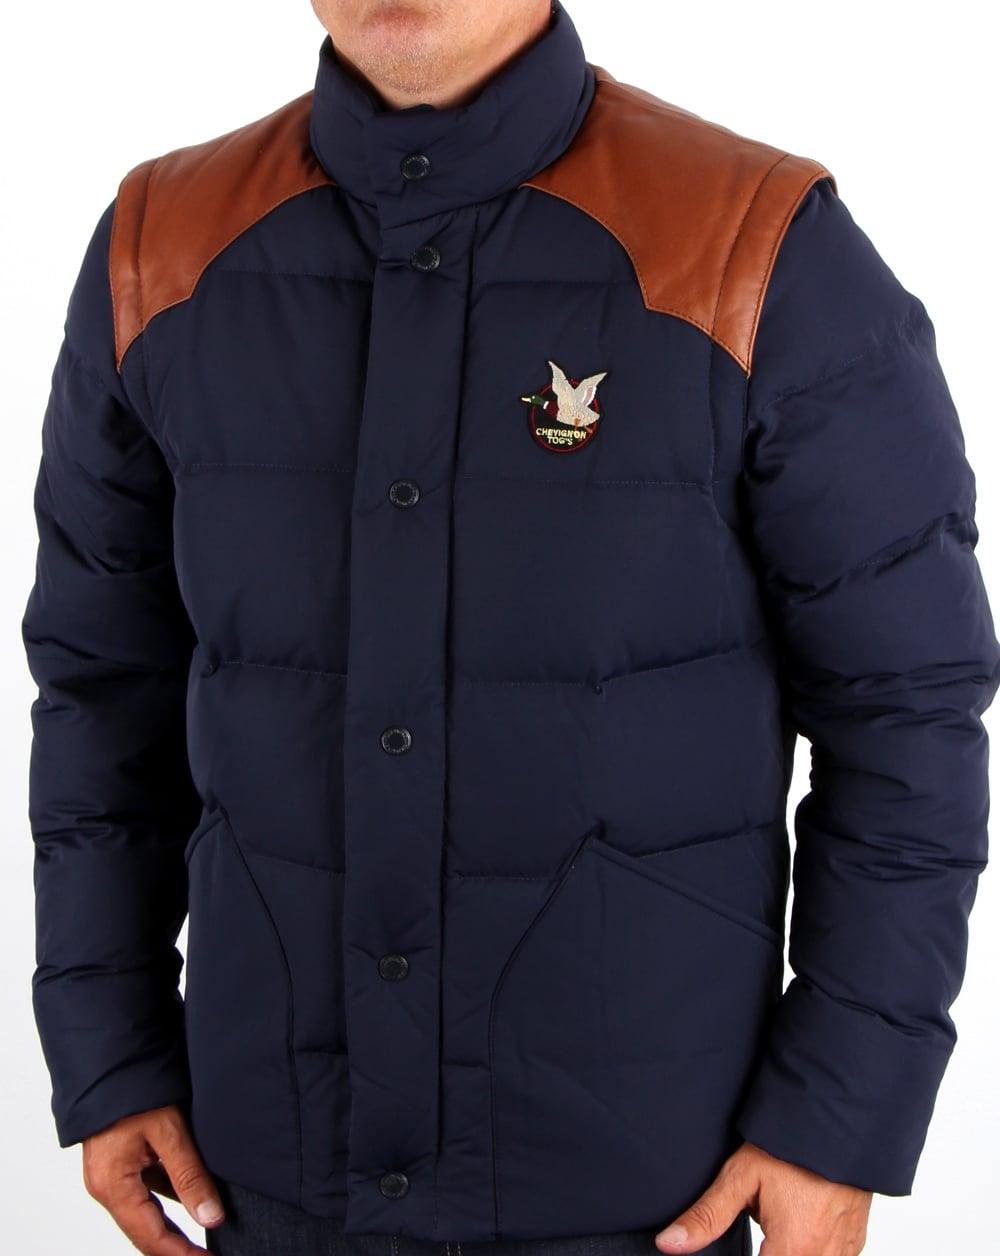 Chevignon K-Togs Jacket